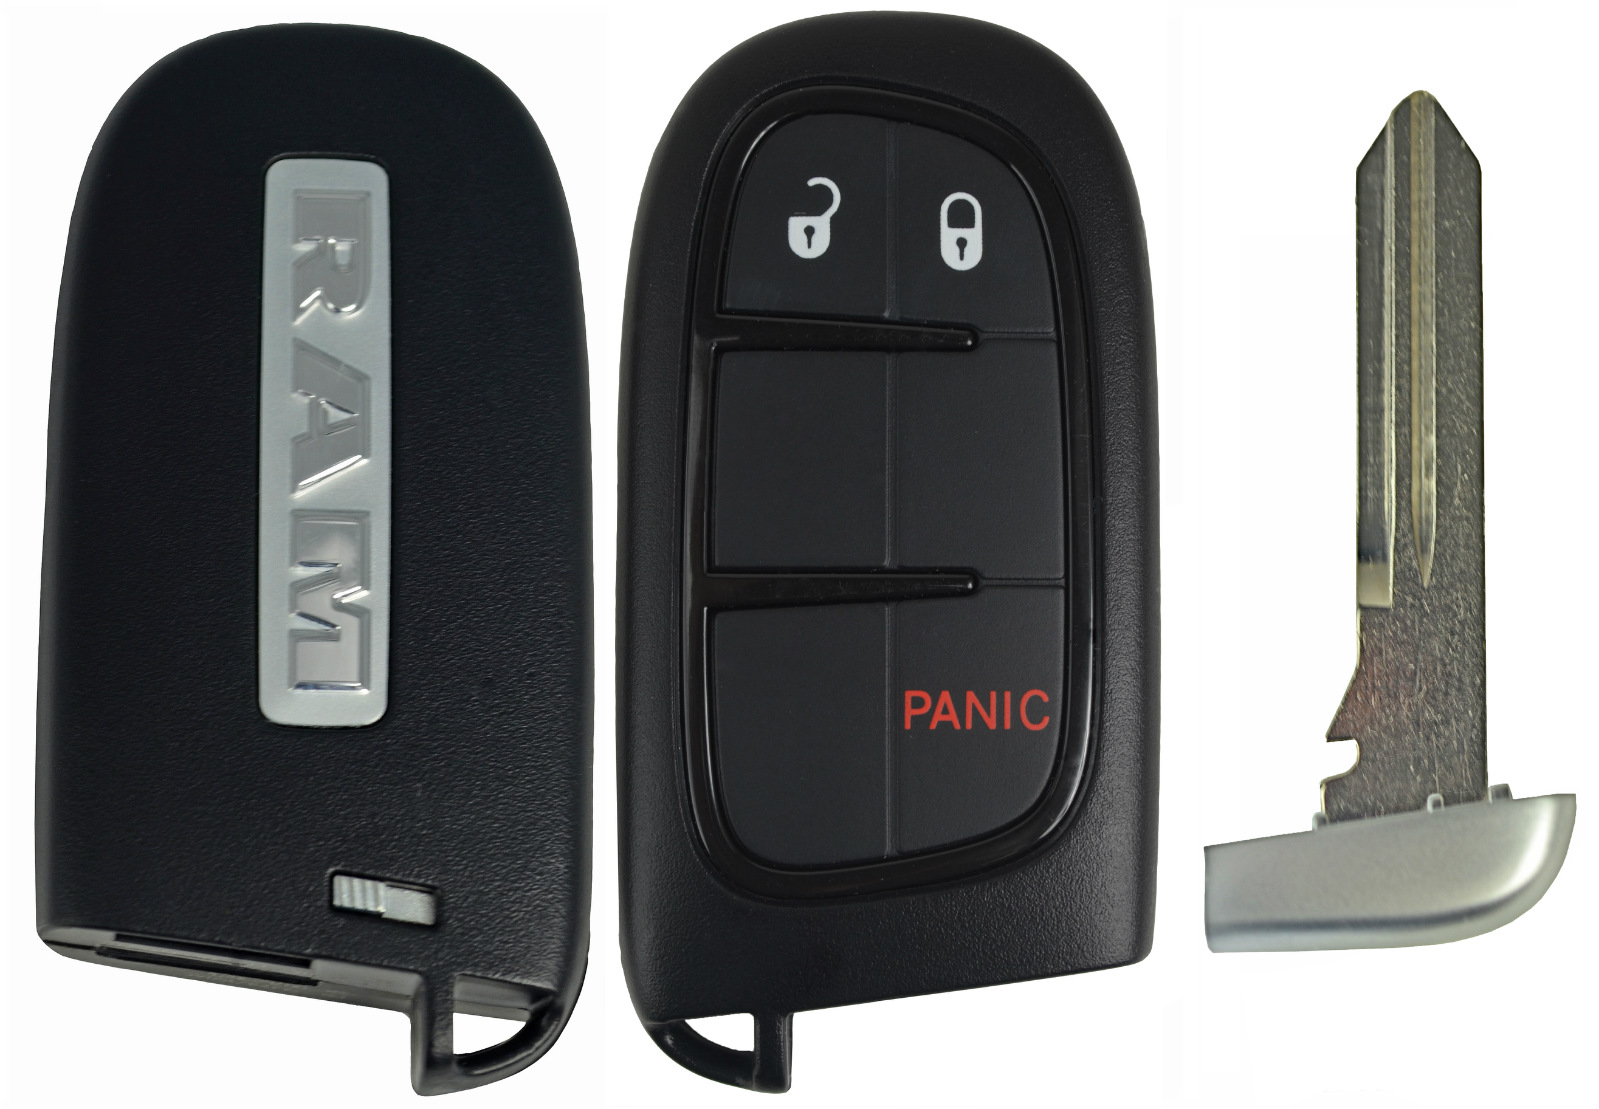 Oem Dodge Ram Smart Key 1500 2500 3500 Pickup Truck Remote Fobik Fob Prox 3 But | eBay